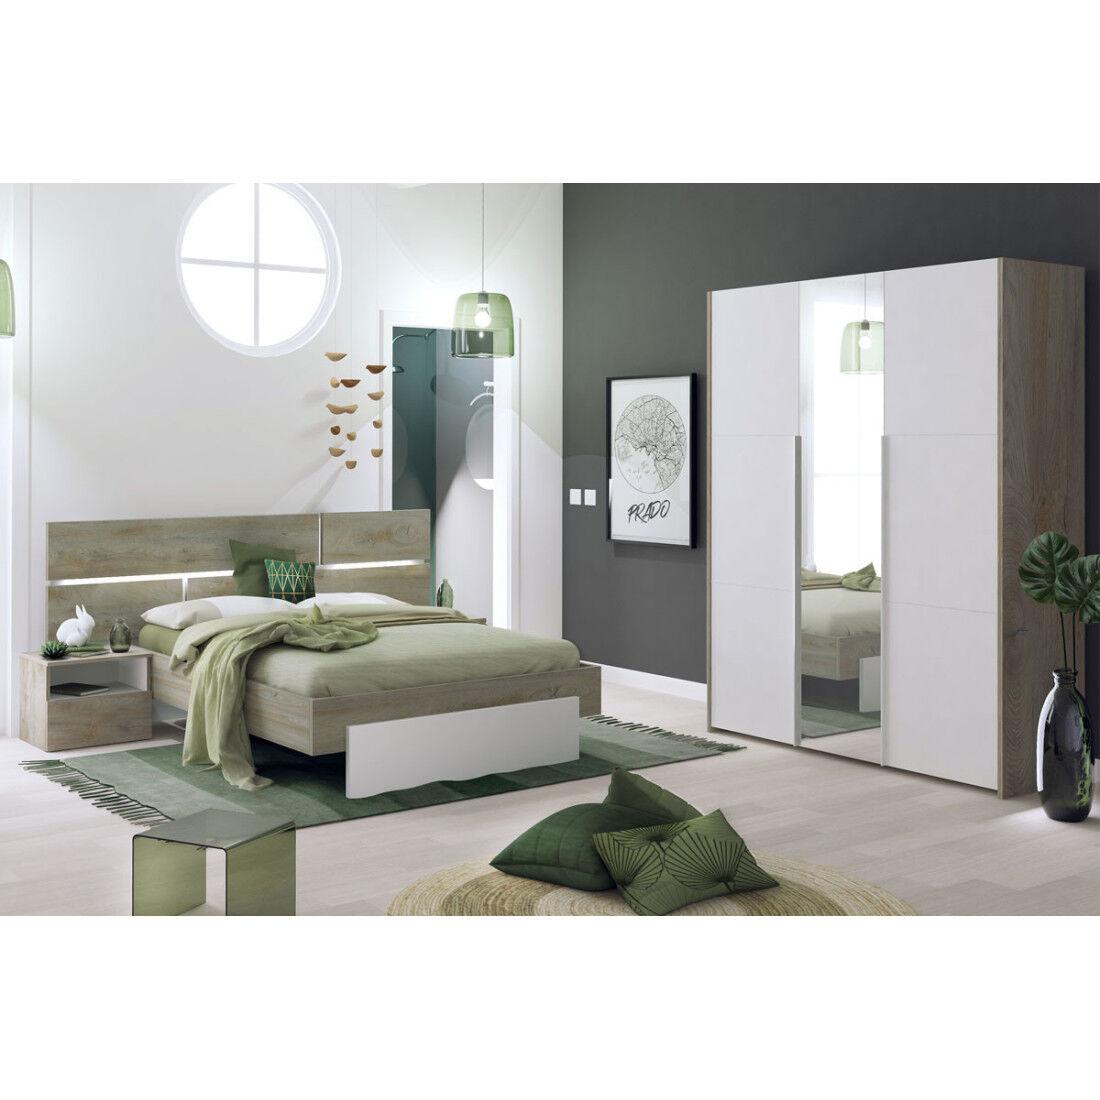 Tousmesmeubles Chambre Adulte Complète (160*200) - FLORINE n°1 - L 220 x l 208 x H 40/102